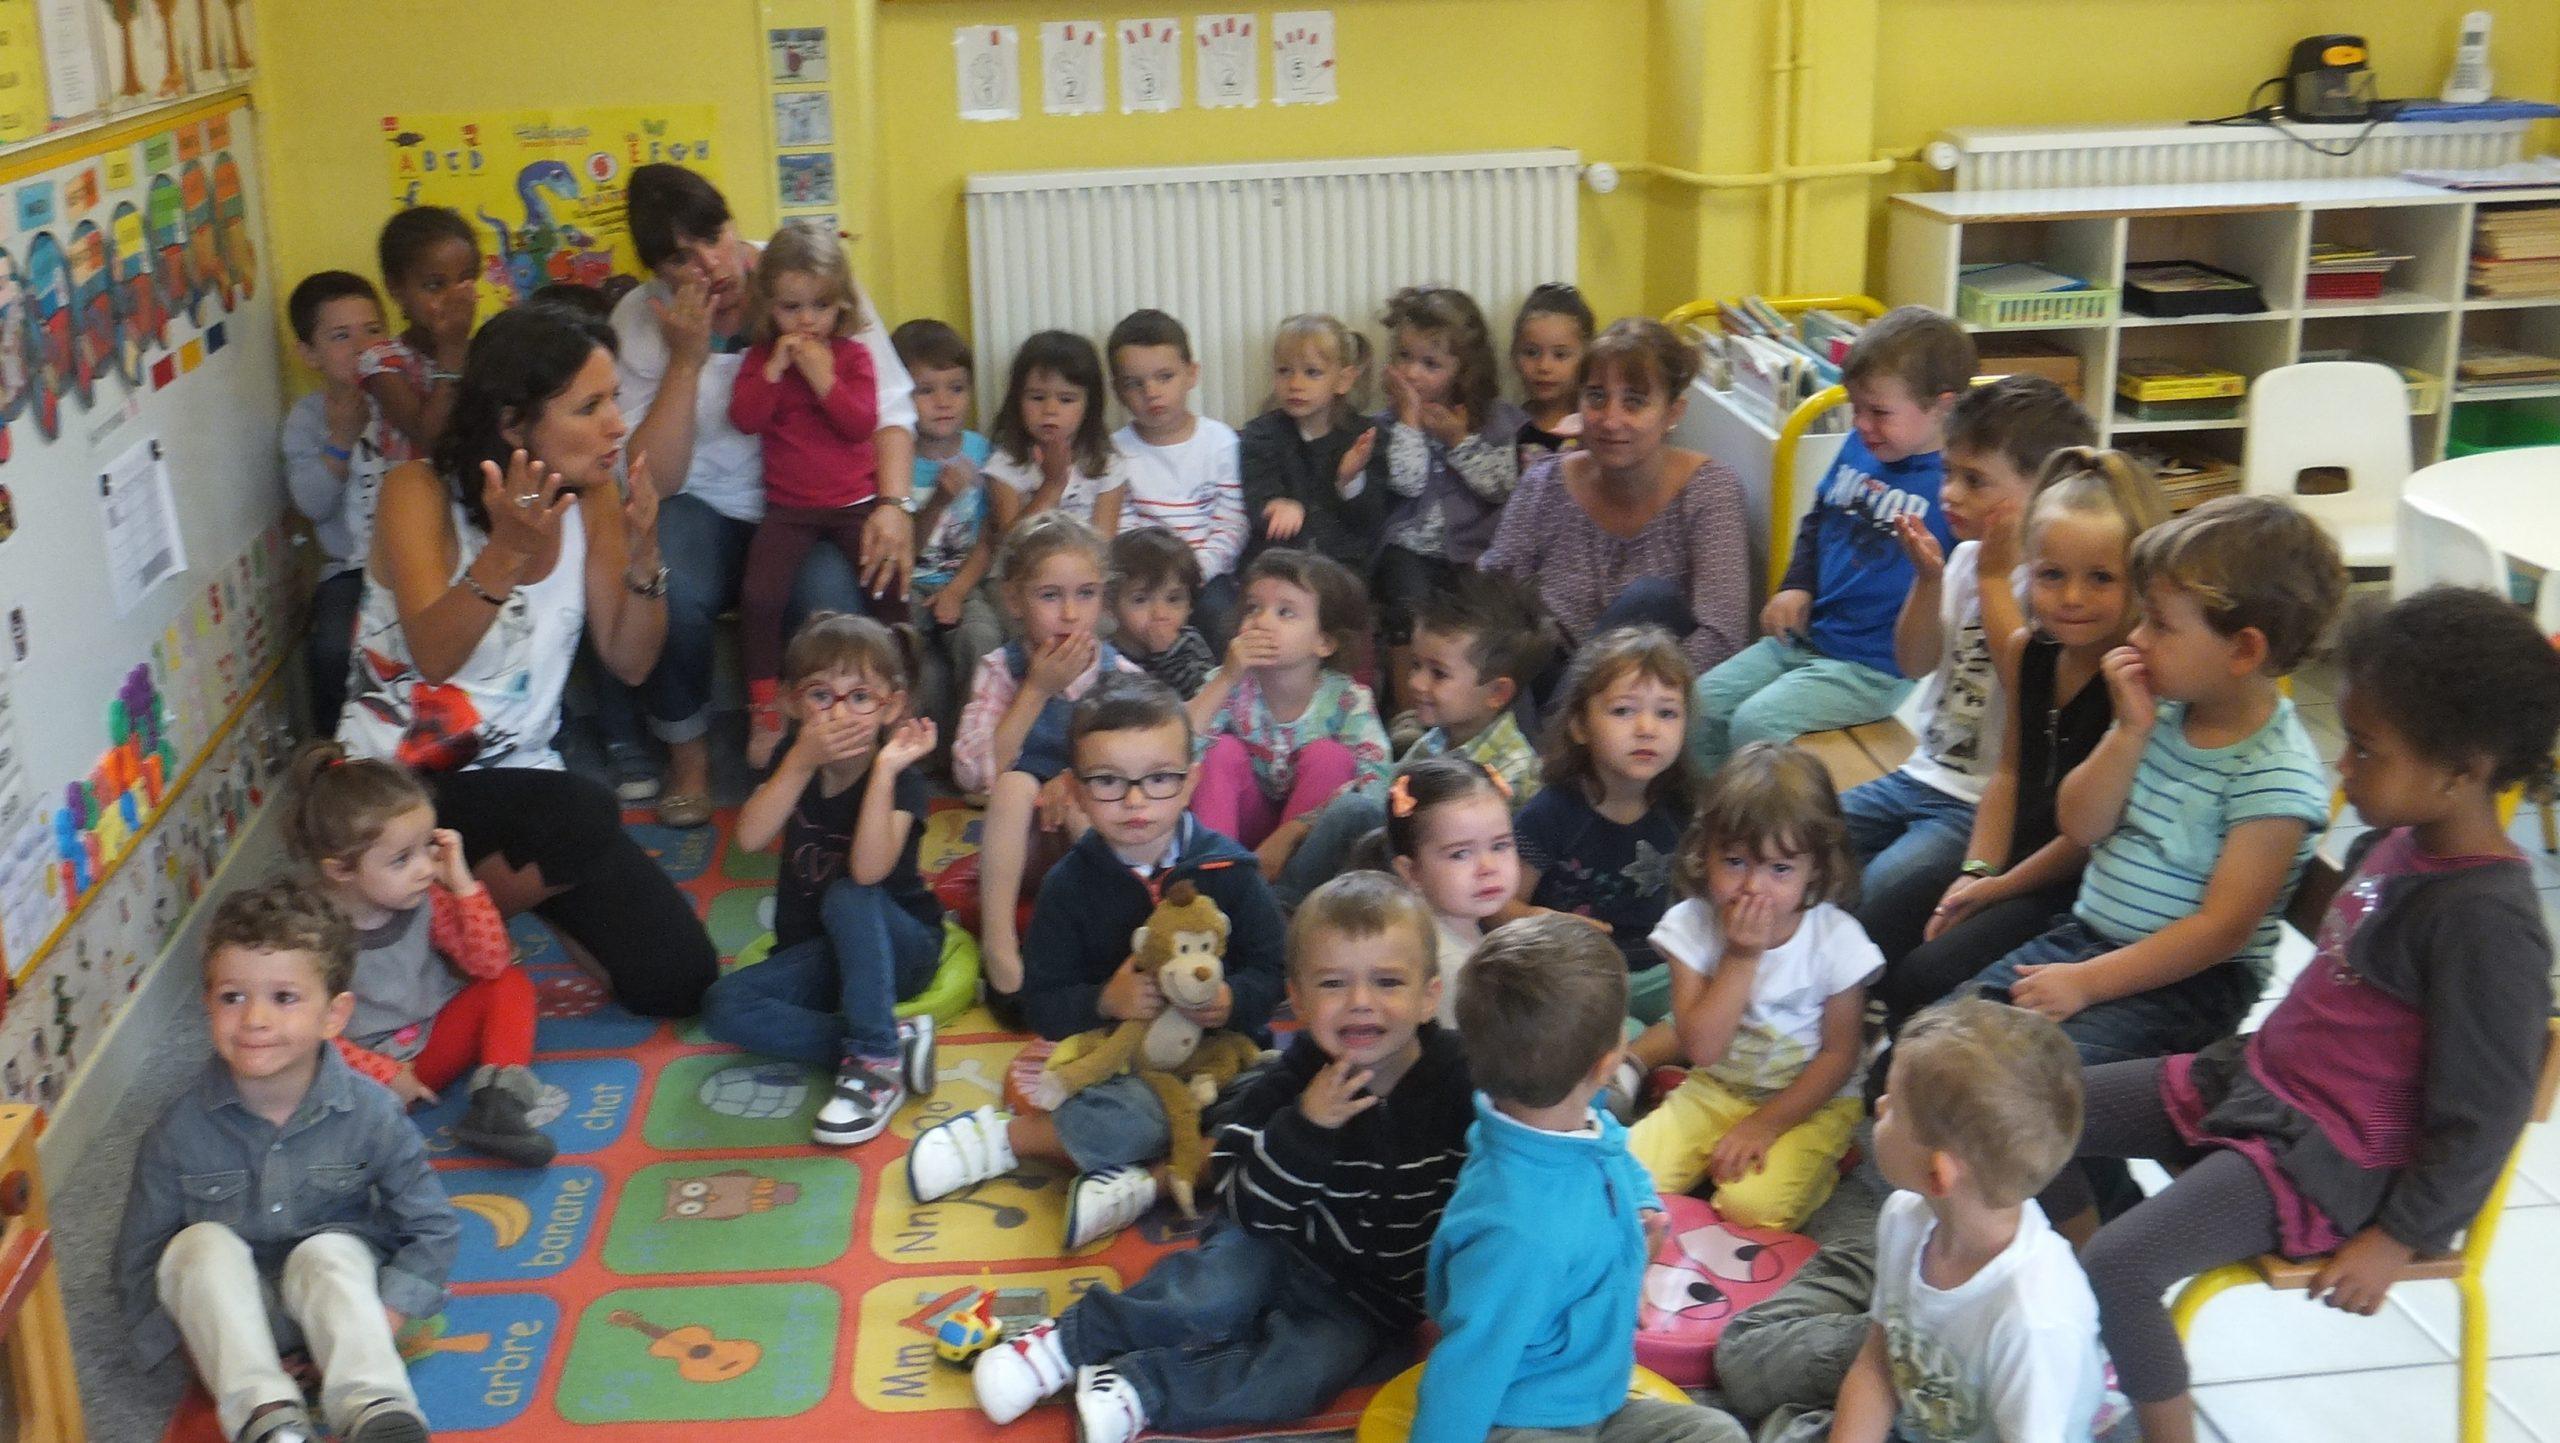 L'Ecole D'Authezat Vient De Faire Sa Rentrée…. intérieur Image D École Maternelle